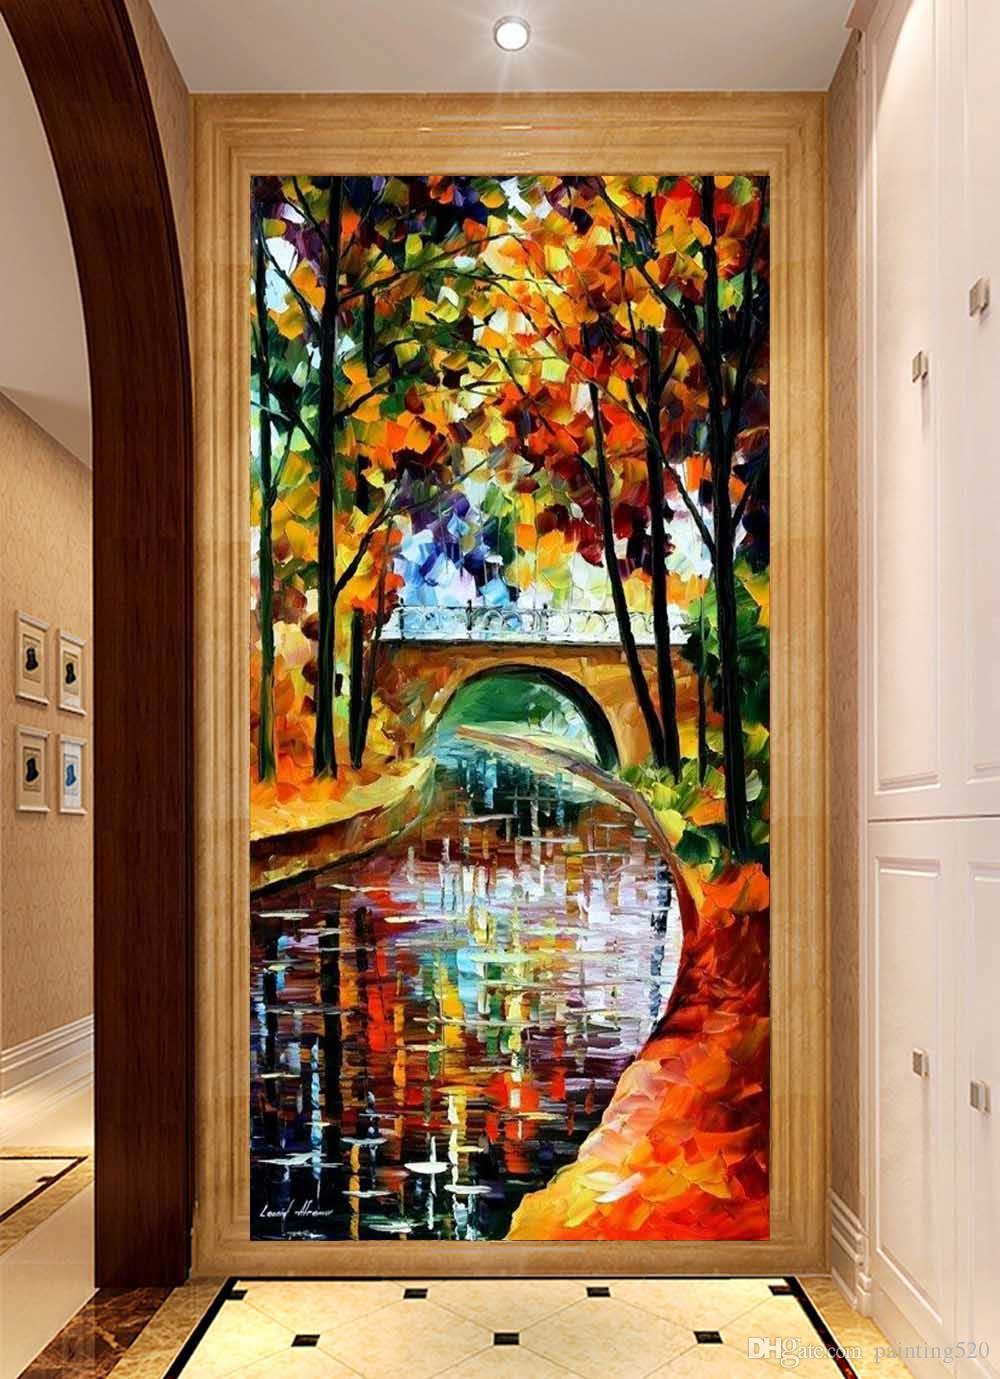 Hochwertige Moderne Wohnzimmer Zimmer Einfache Dekorative Stil Leinwand Ölgemälde Handgemalte Paletten Ölgemälde JL428